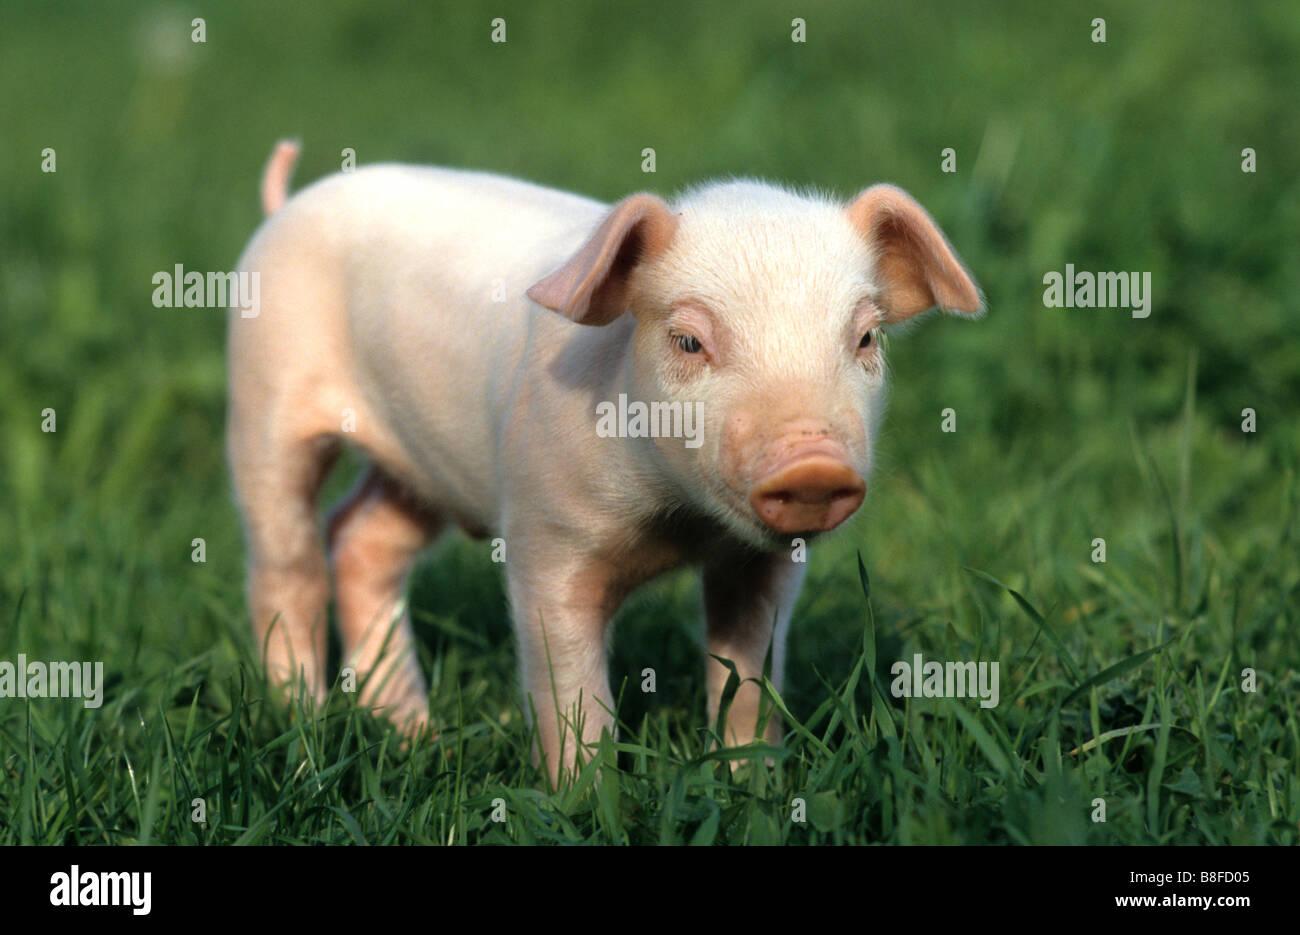 Hausschwein (Sus Scrofa Domestica), Ferkel, stehend im Rasen Stockbild